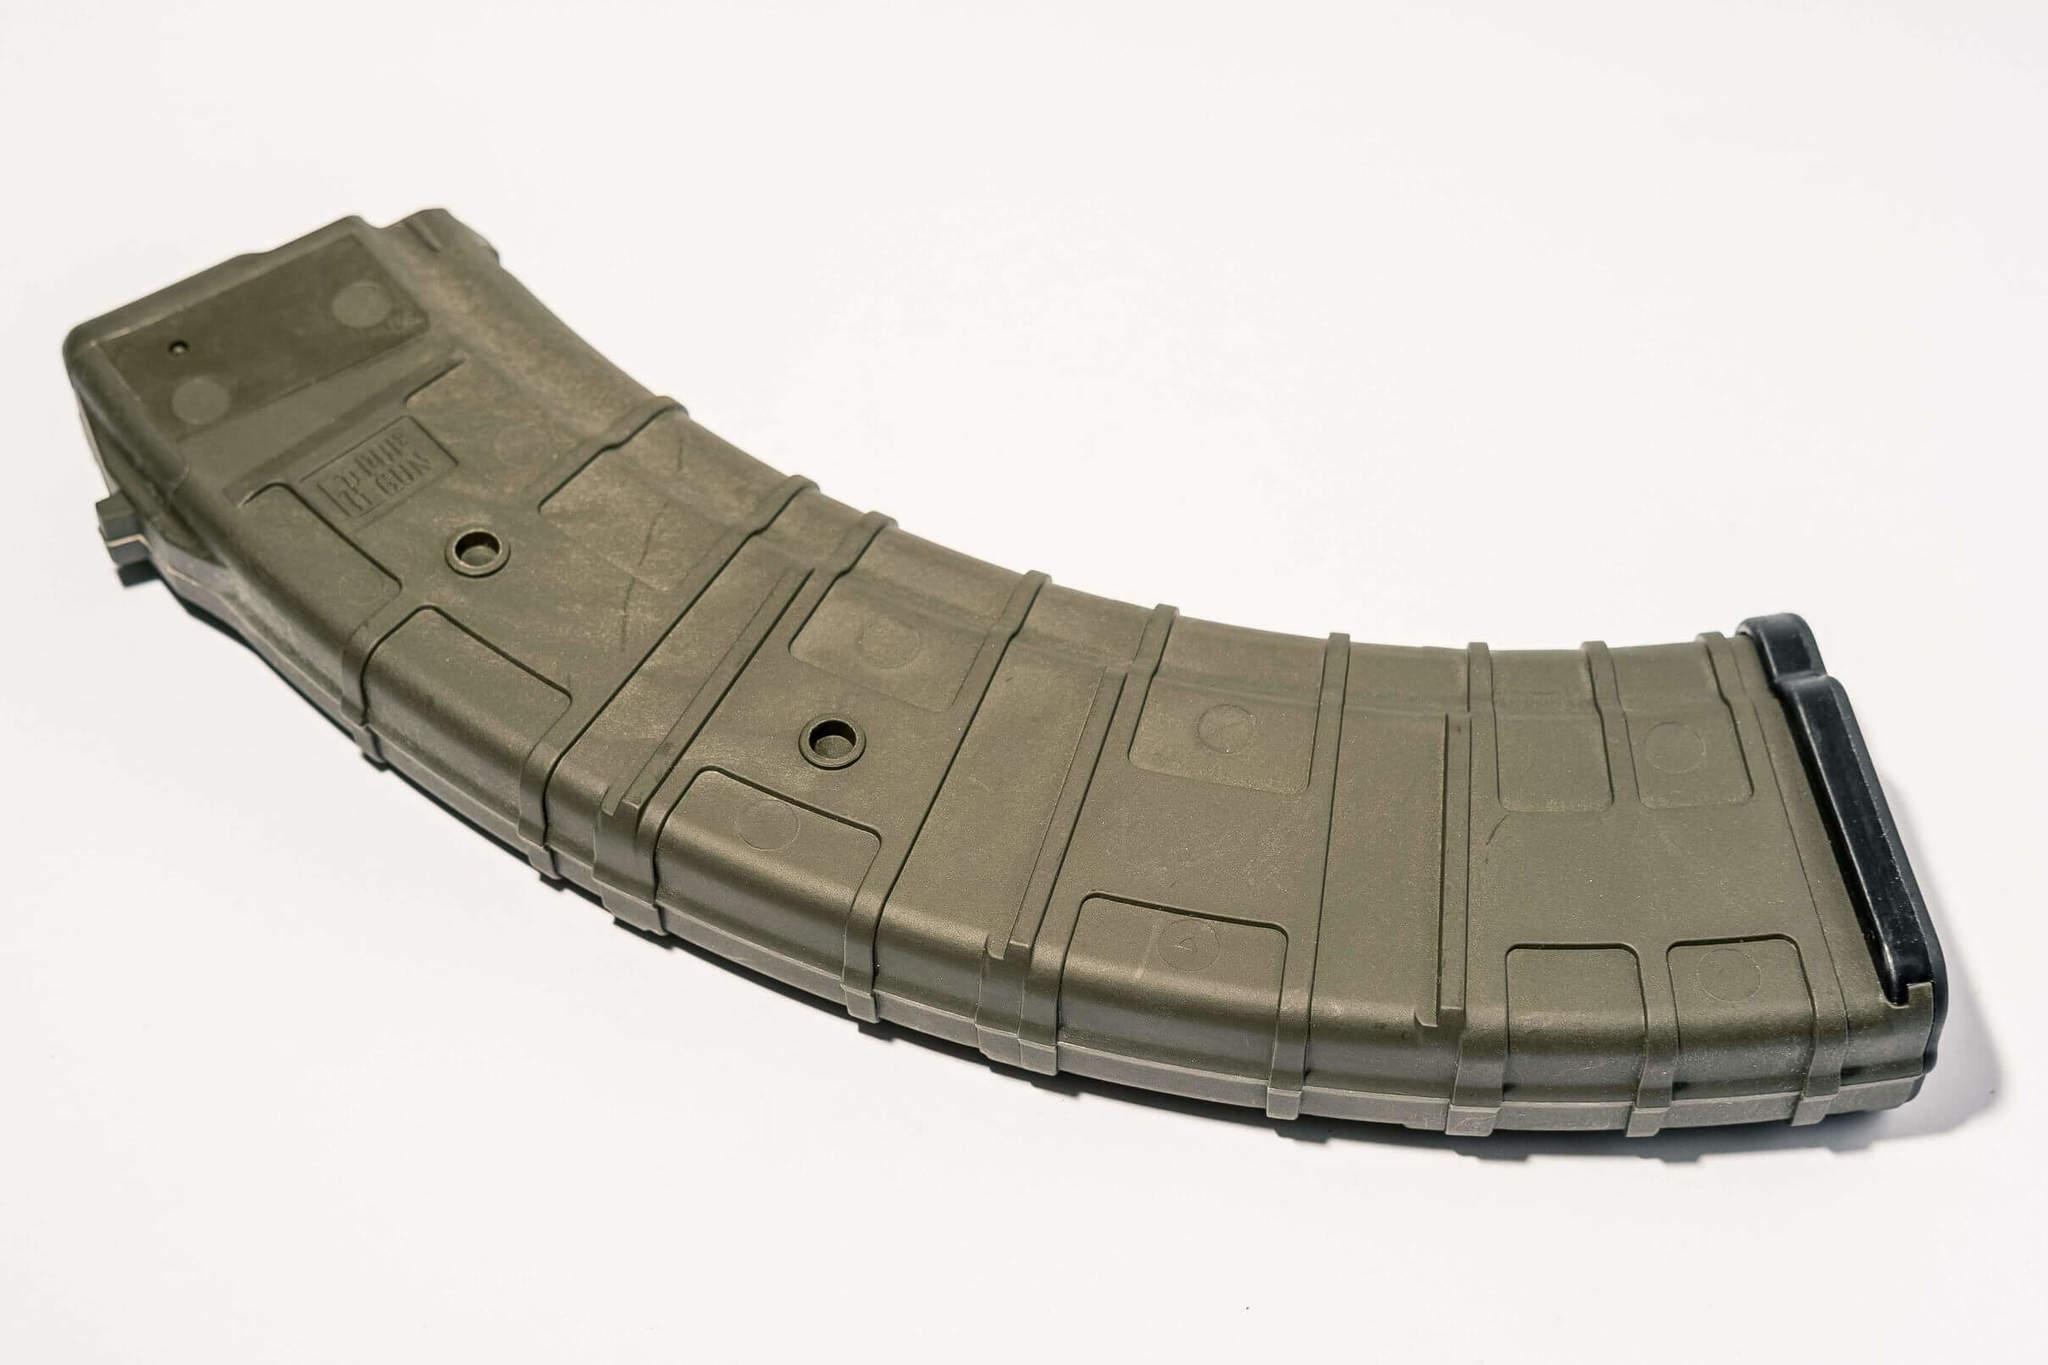 Магазин Pufgun для АКМ (7.62x39) ВПО-136 ВПО-209 на 40 Gen2, Хаки